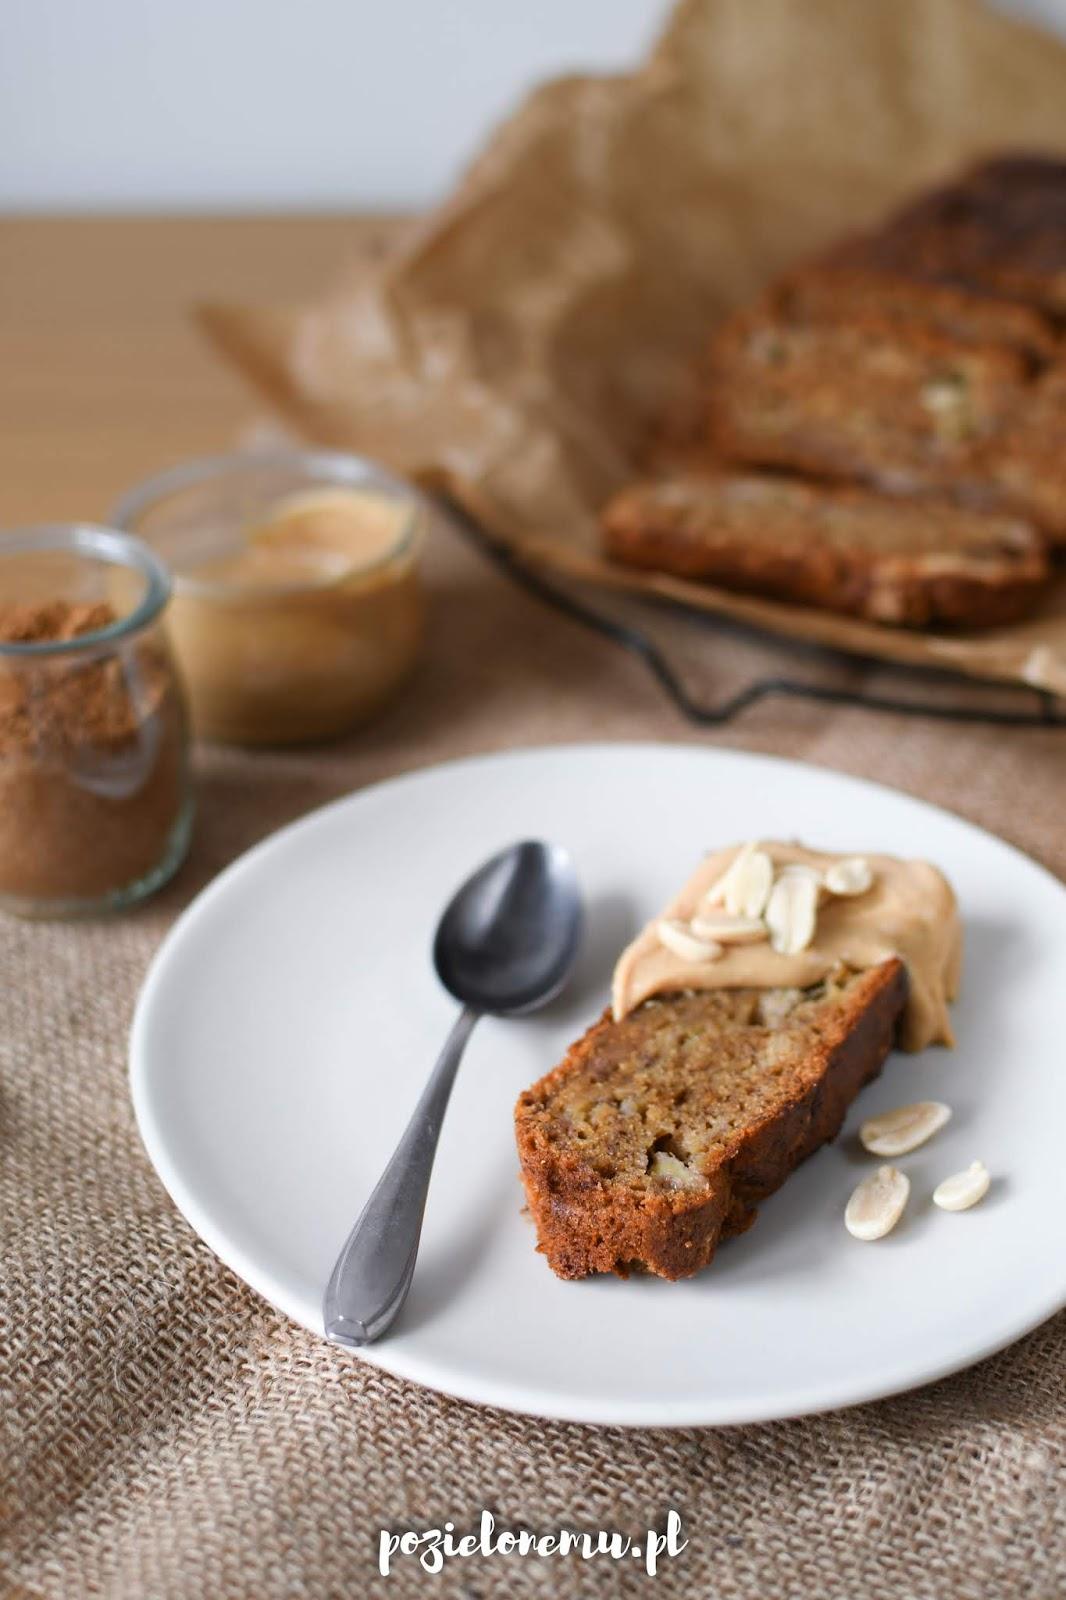 Maślany chlebek bananowy (lub maślane muffinki bananowe)